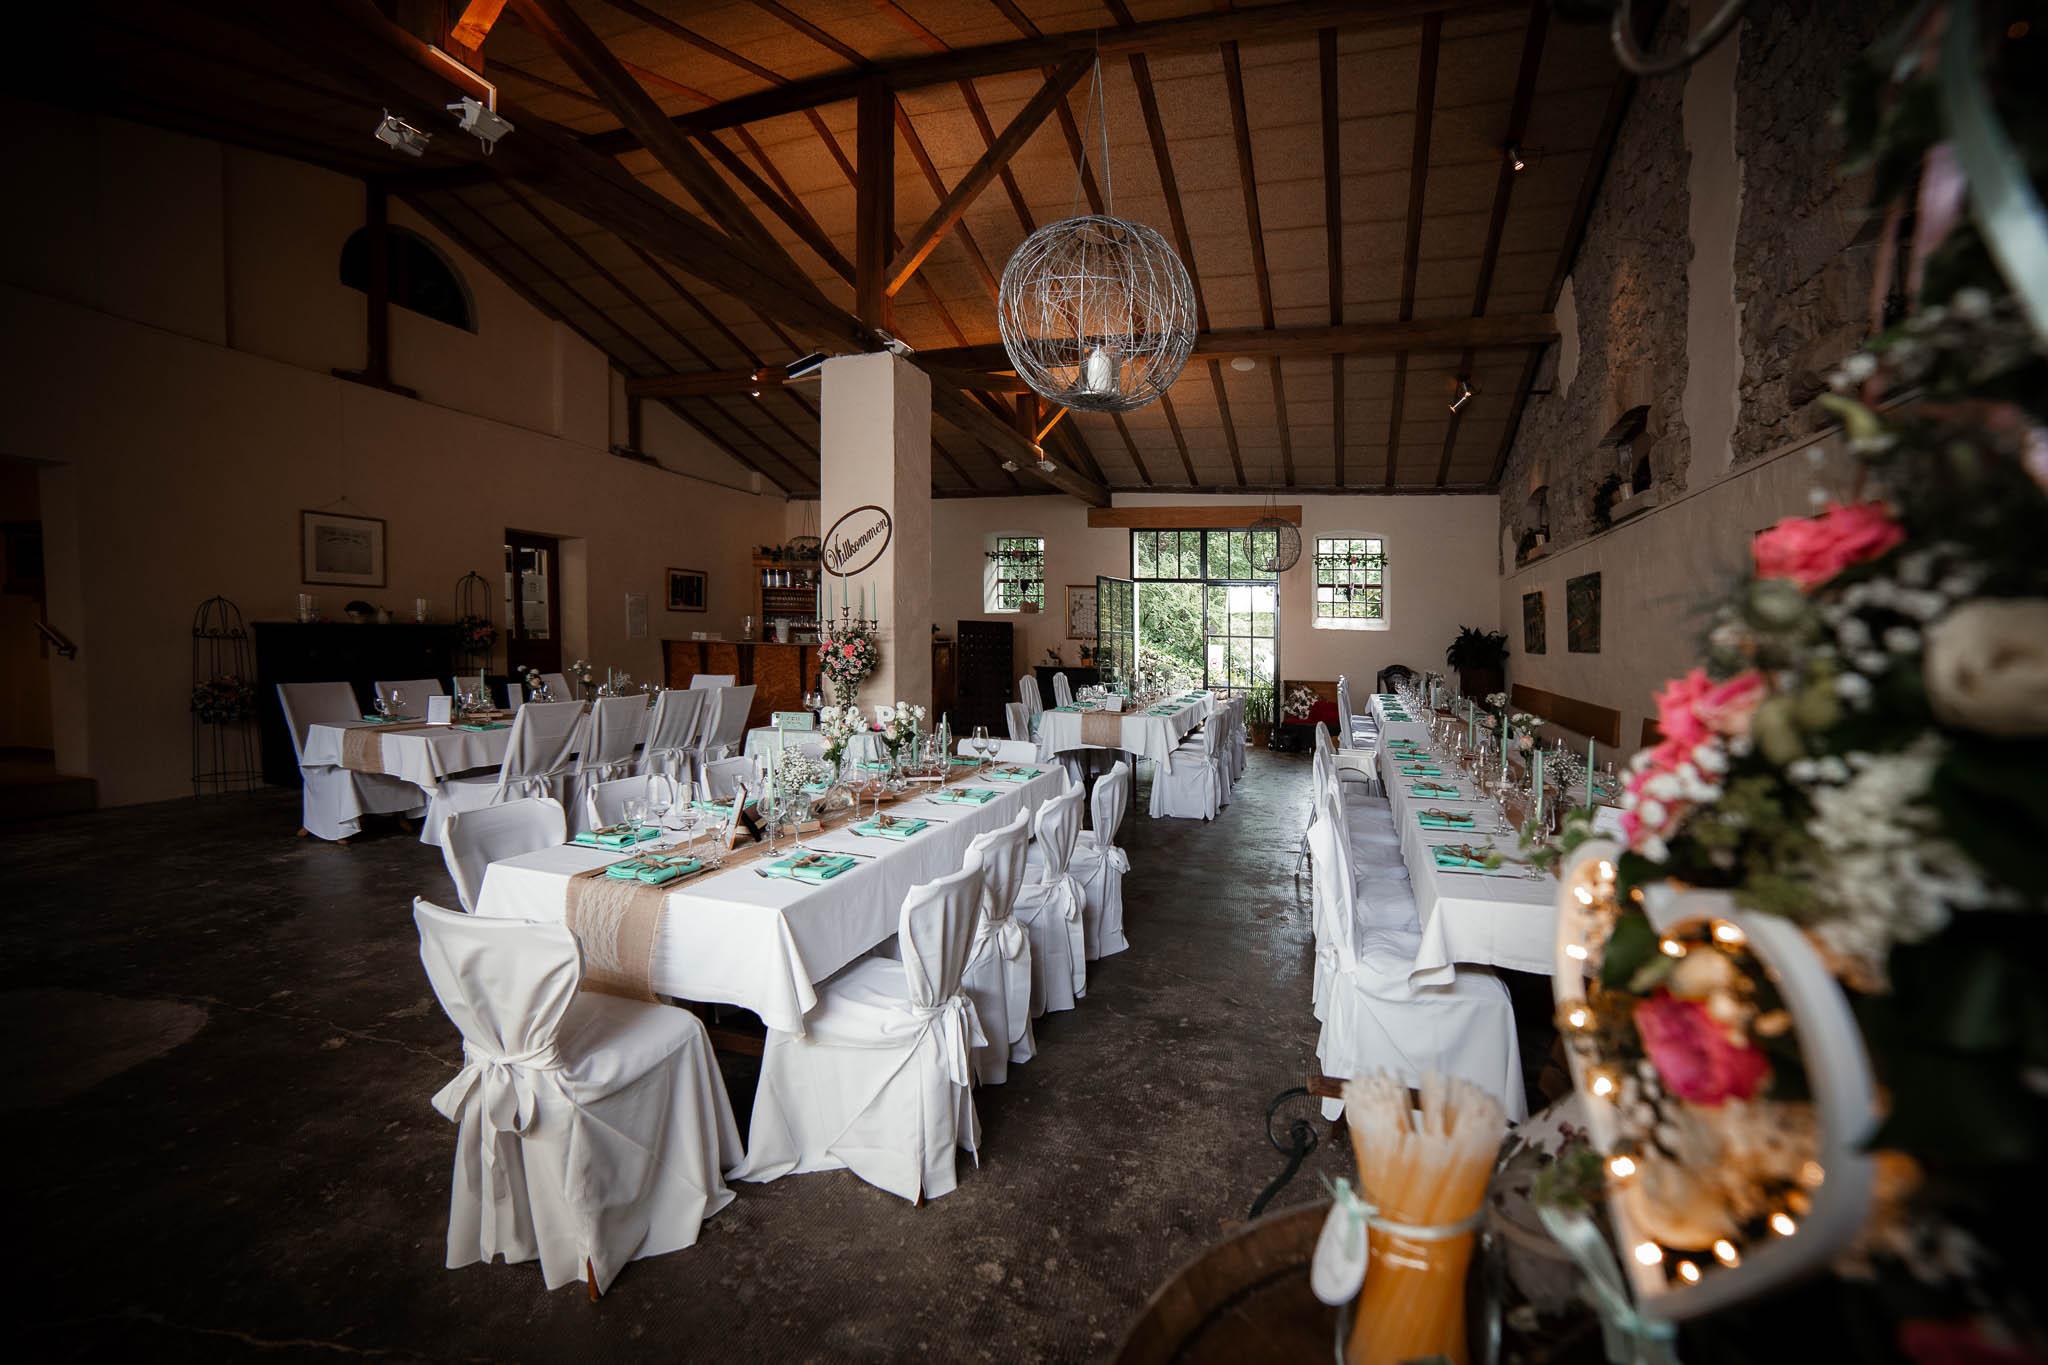 Hochzeitsfotograf Monzernheim: freie Trauung von Sarah & Patrick 6